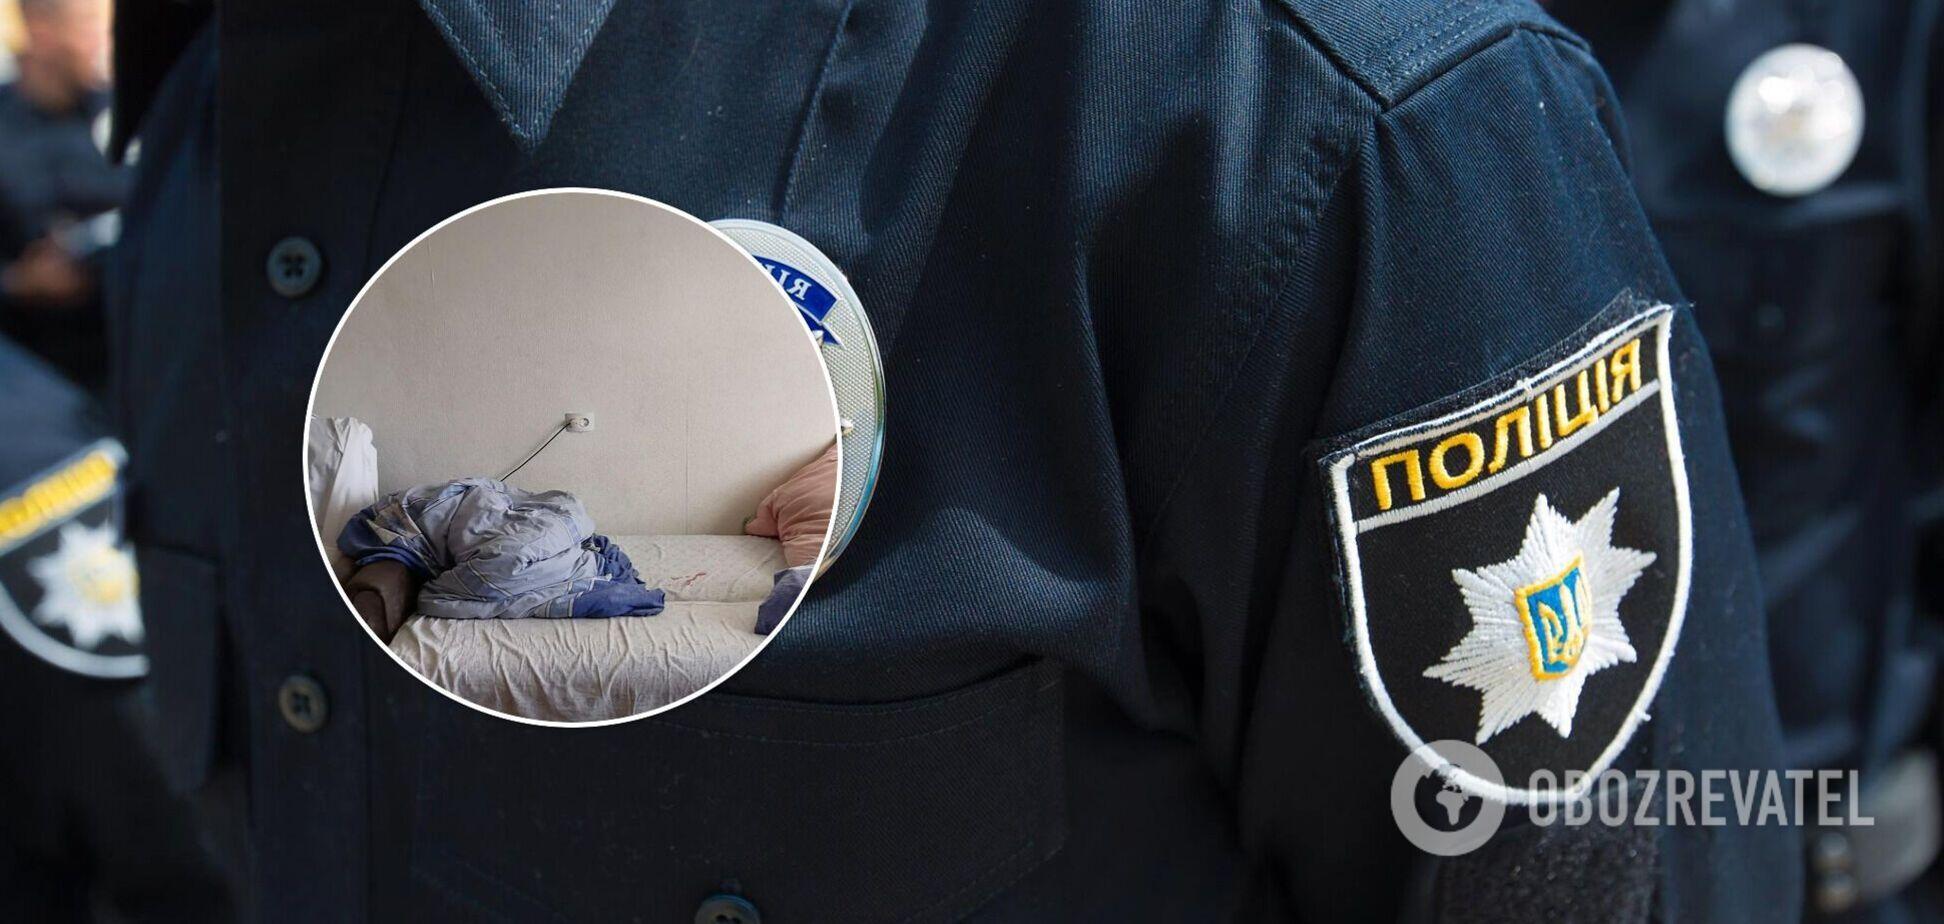 На Ривненщине мать ударила ножом 15-летнего сына, пока тот спал. Фото